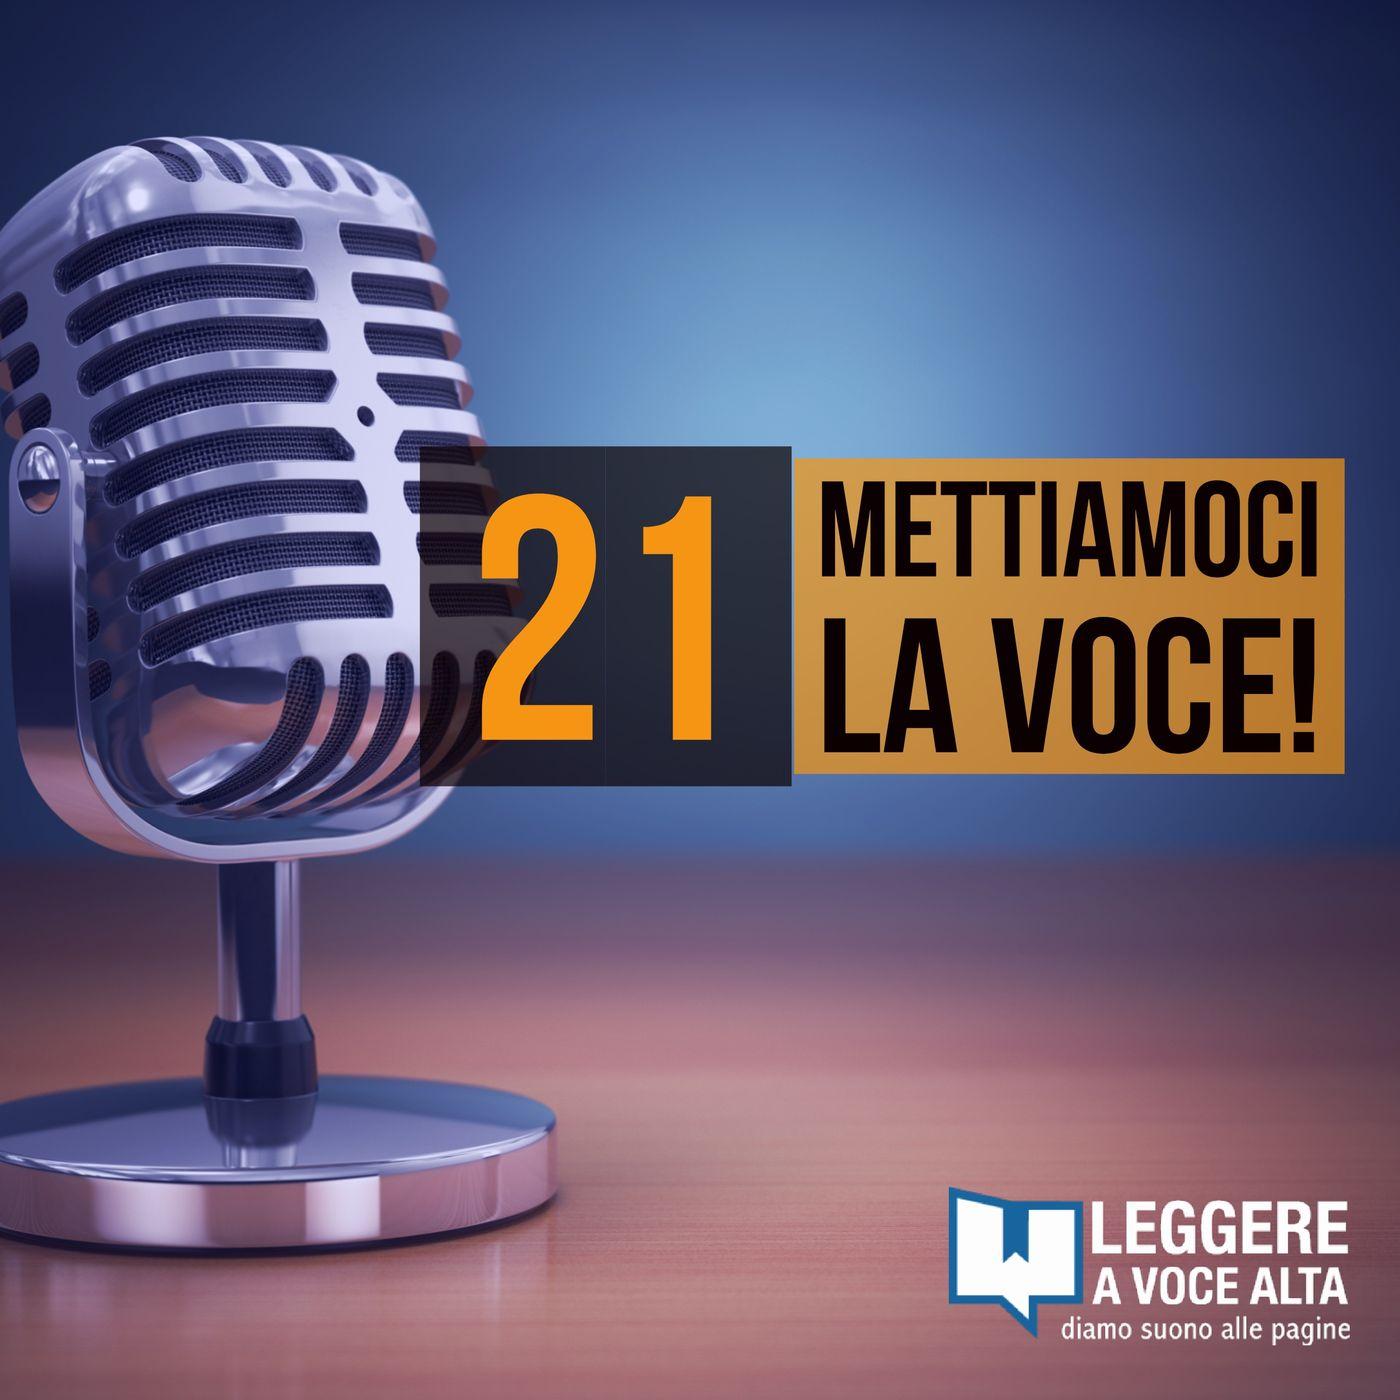 21 - Leggere in un podcast - con Racconti (un podcast di inutile)